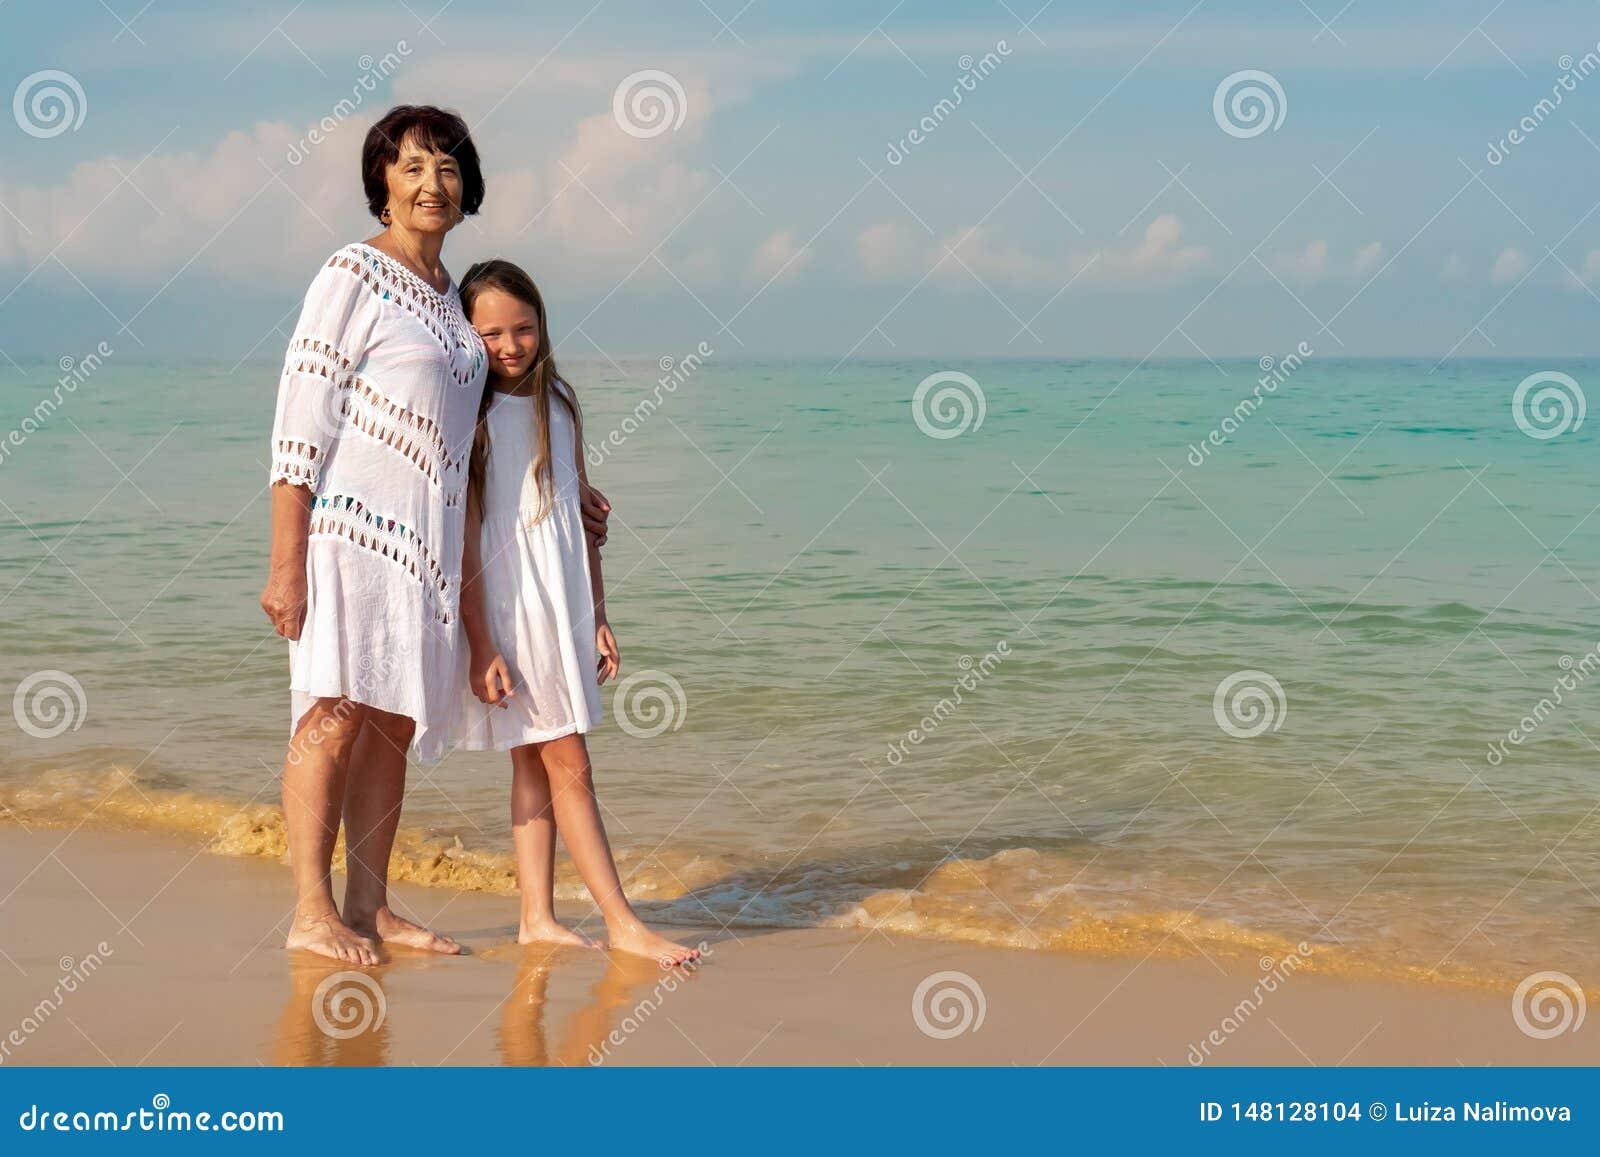 Una mujer mayor en un vestido blanco con una muchacha hermosa en un vestido blanco en el mar Concepto de verano soleado y feliz